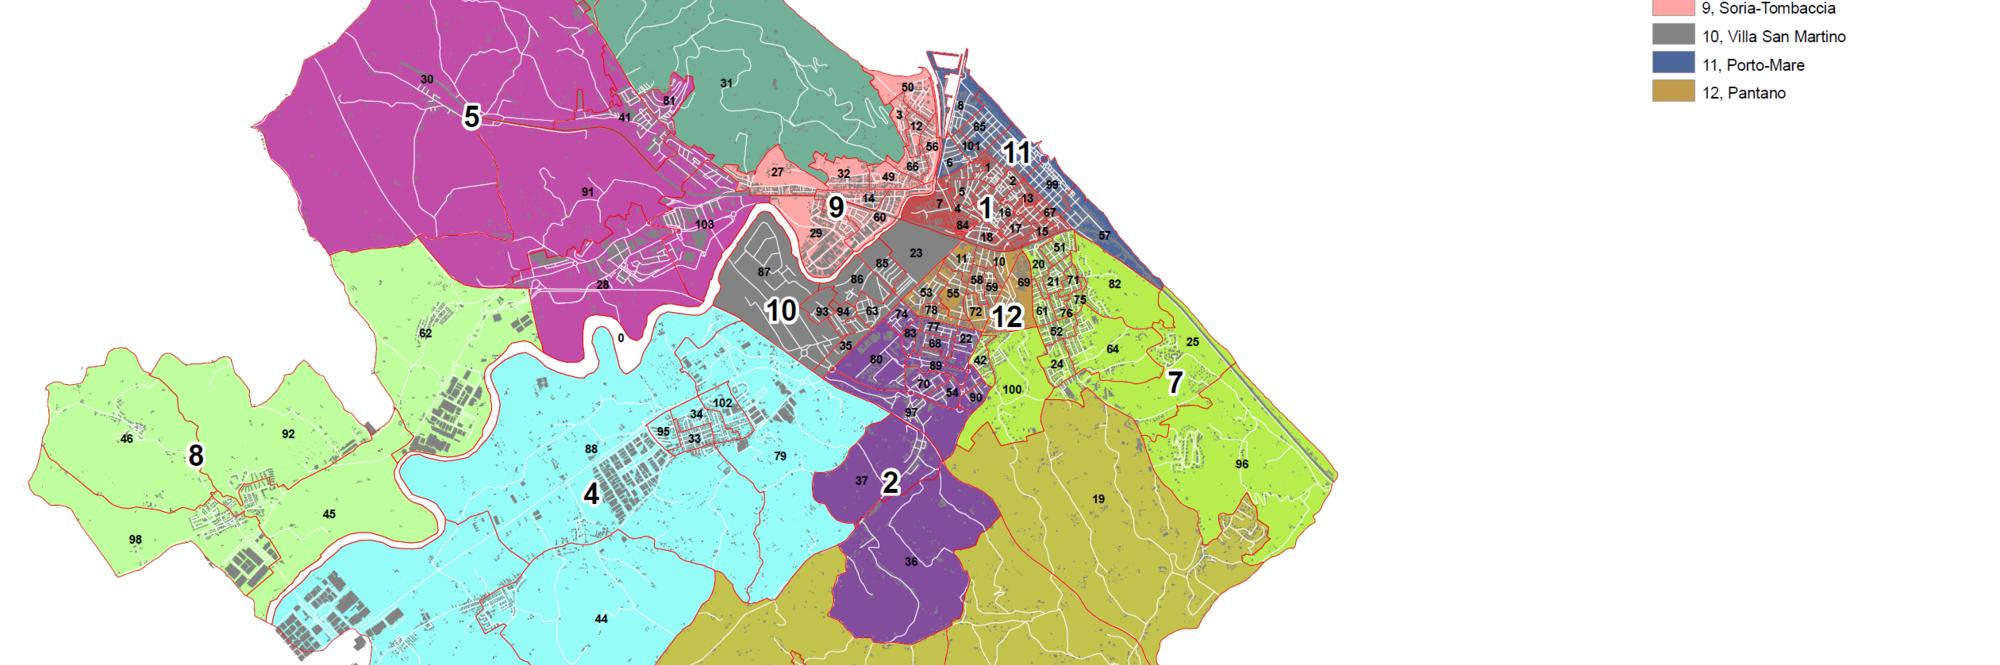 Mappa dei dodici quartieri